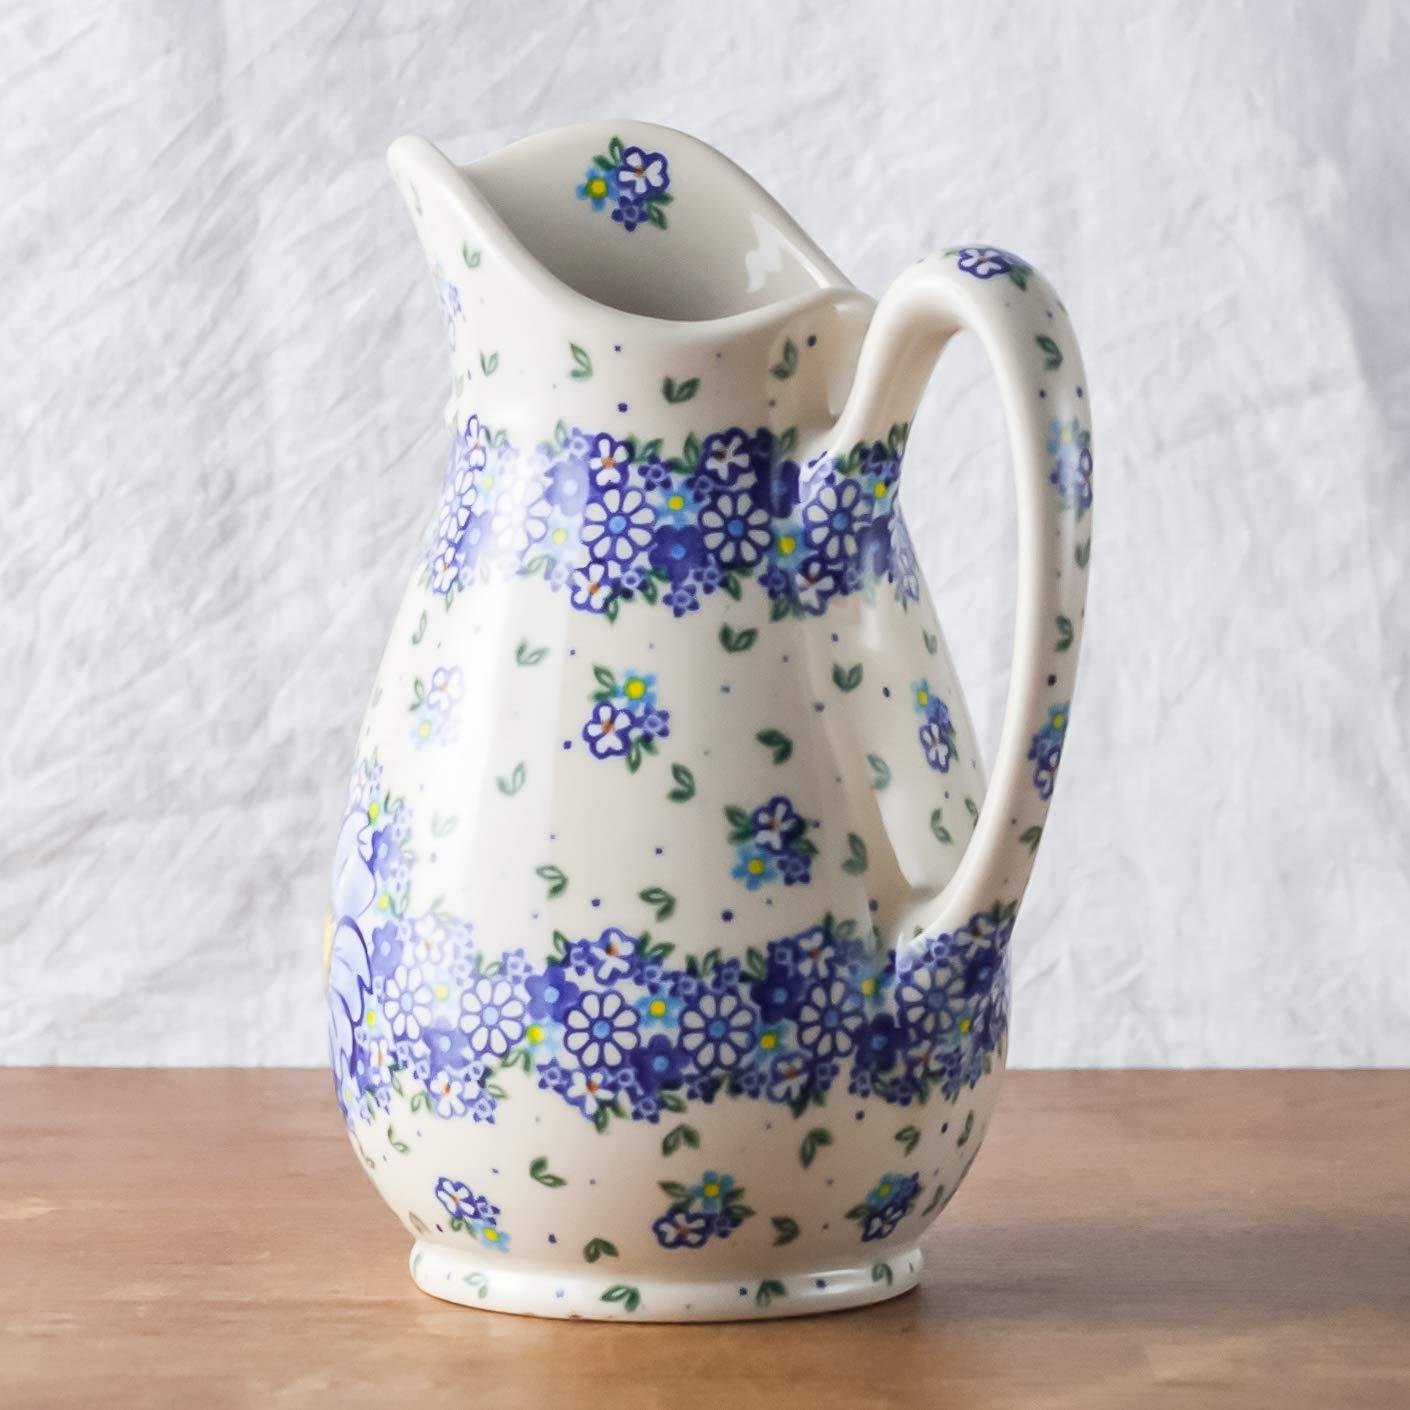 Poterie polonaise peinte /à la main et fabriqu/ée /à la main pour eau ou jus de fruits 1,7 l Motif floral bleu A116